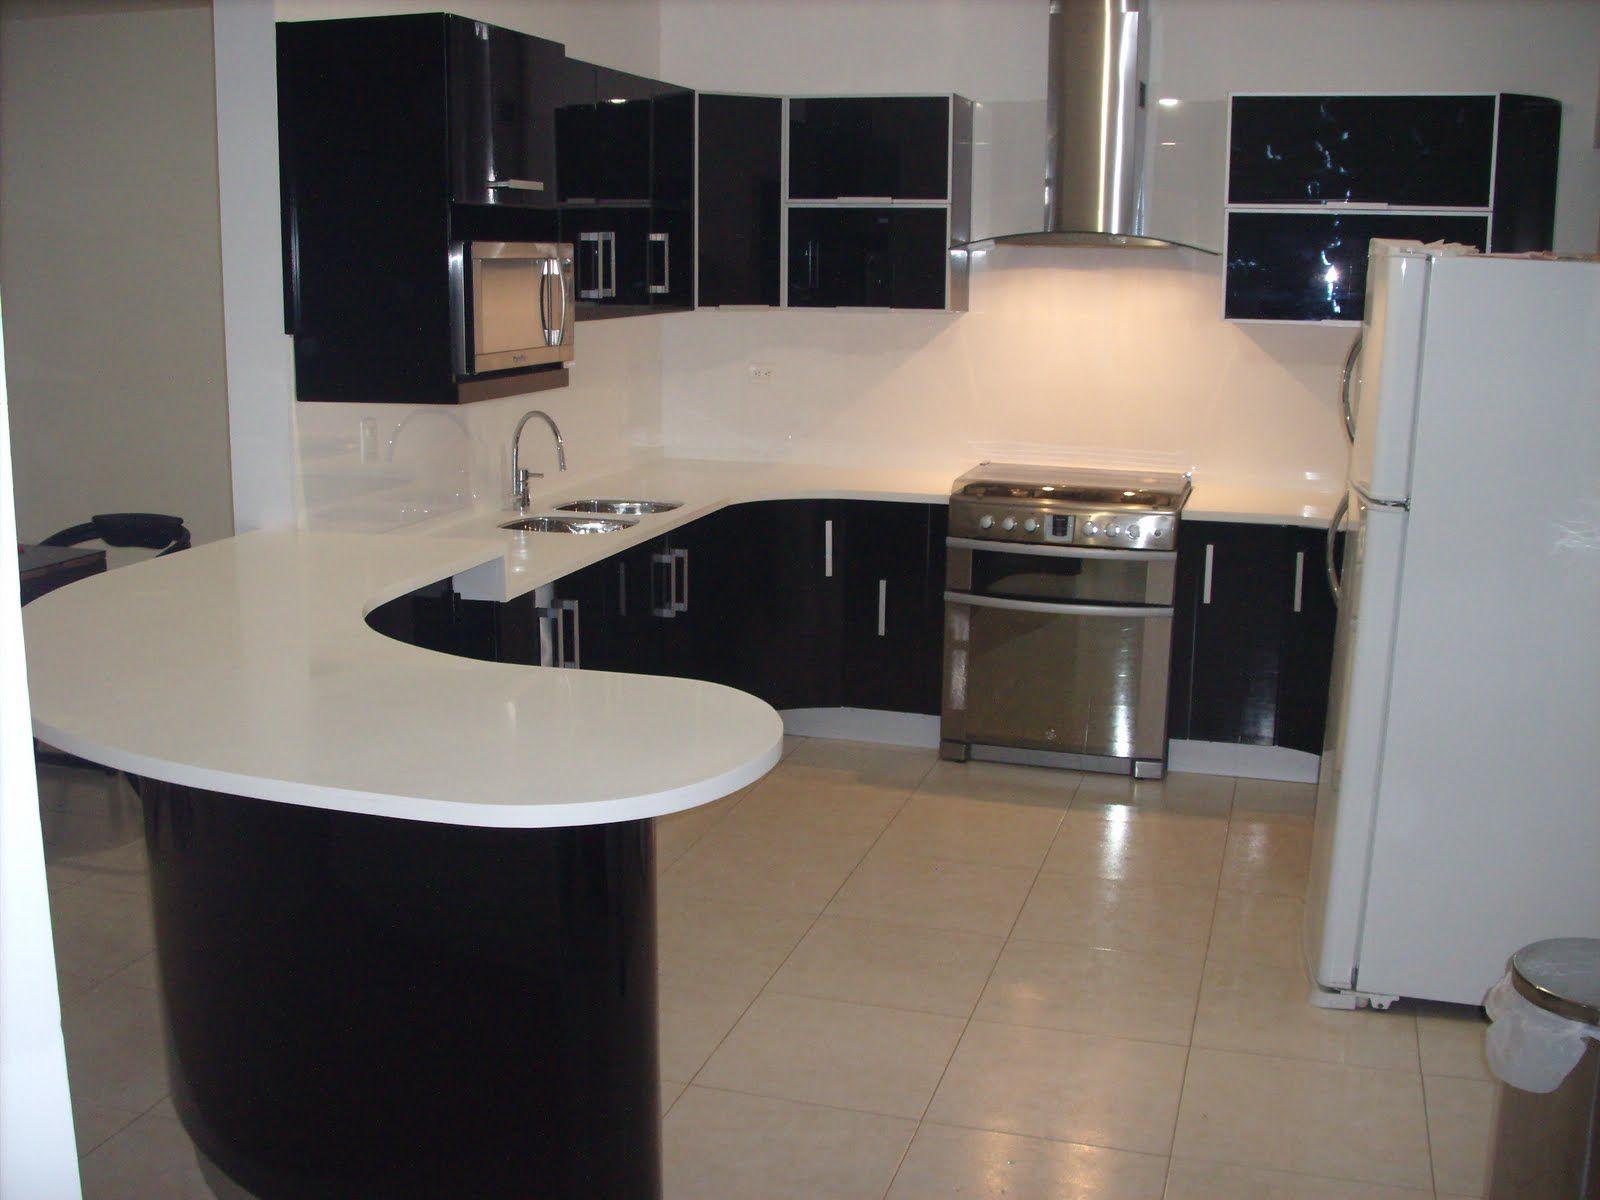 Dise os de muebles de cocinas de melamina modernos 4 for Modelos cocinas integrales modernas